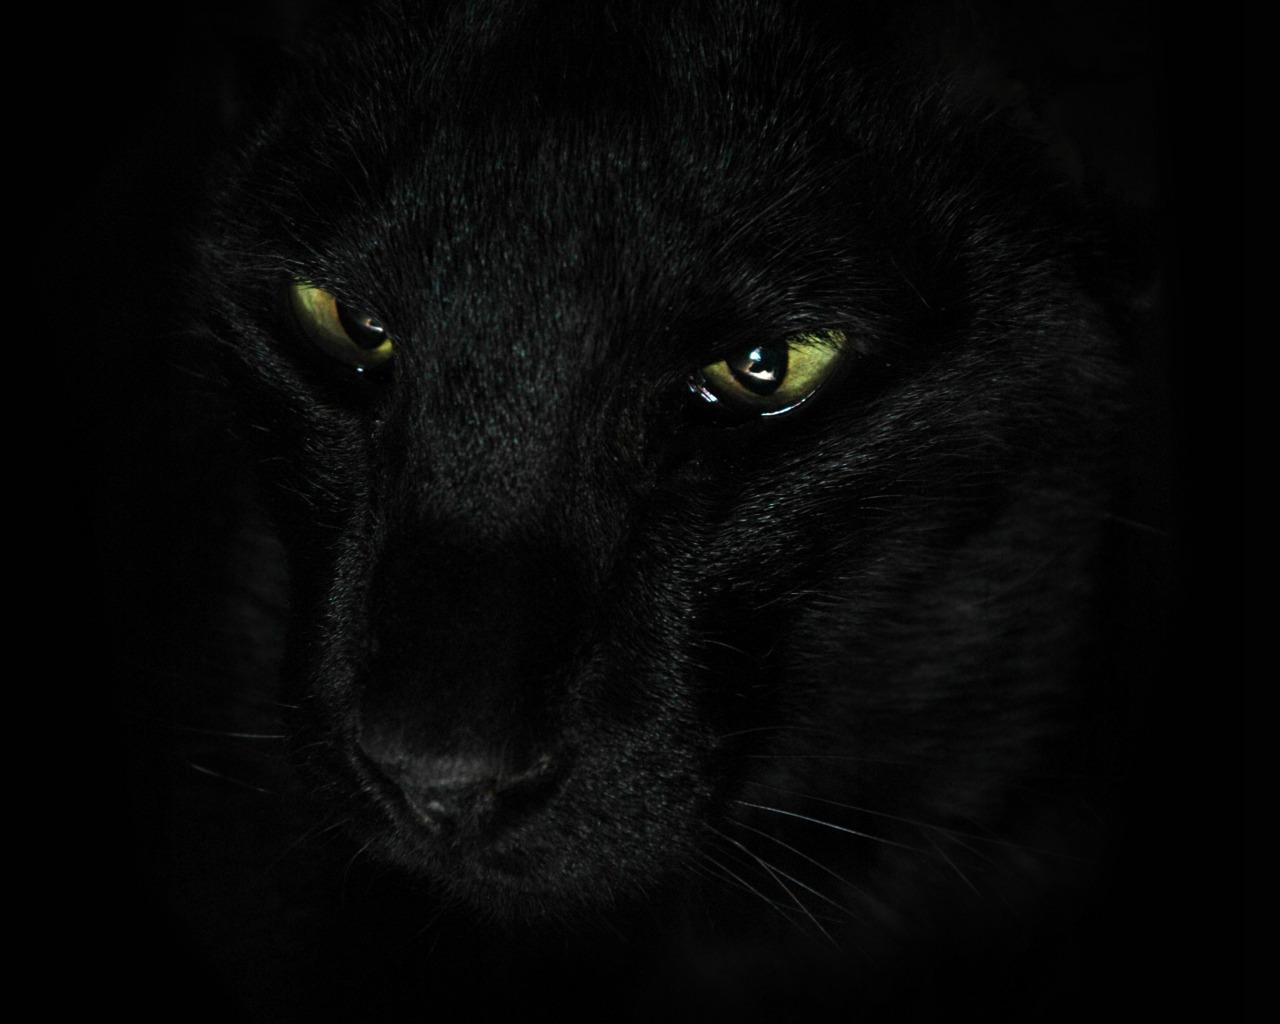 К чему снится дикие кошки